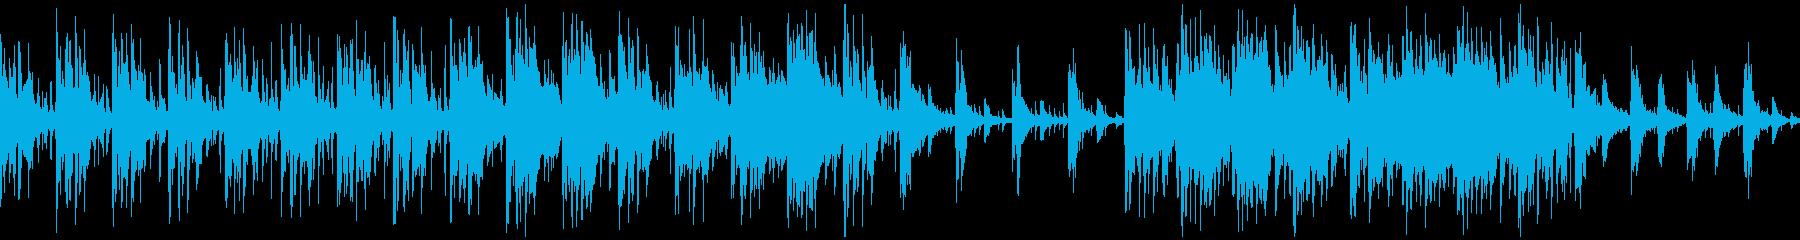 ドワーフの集落【ループ素材系】の再生済みの波形